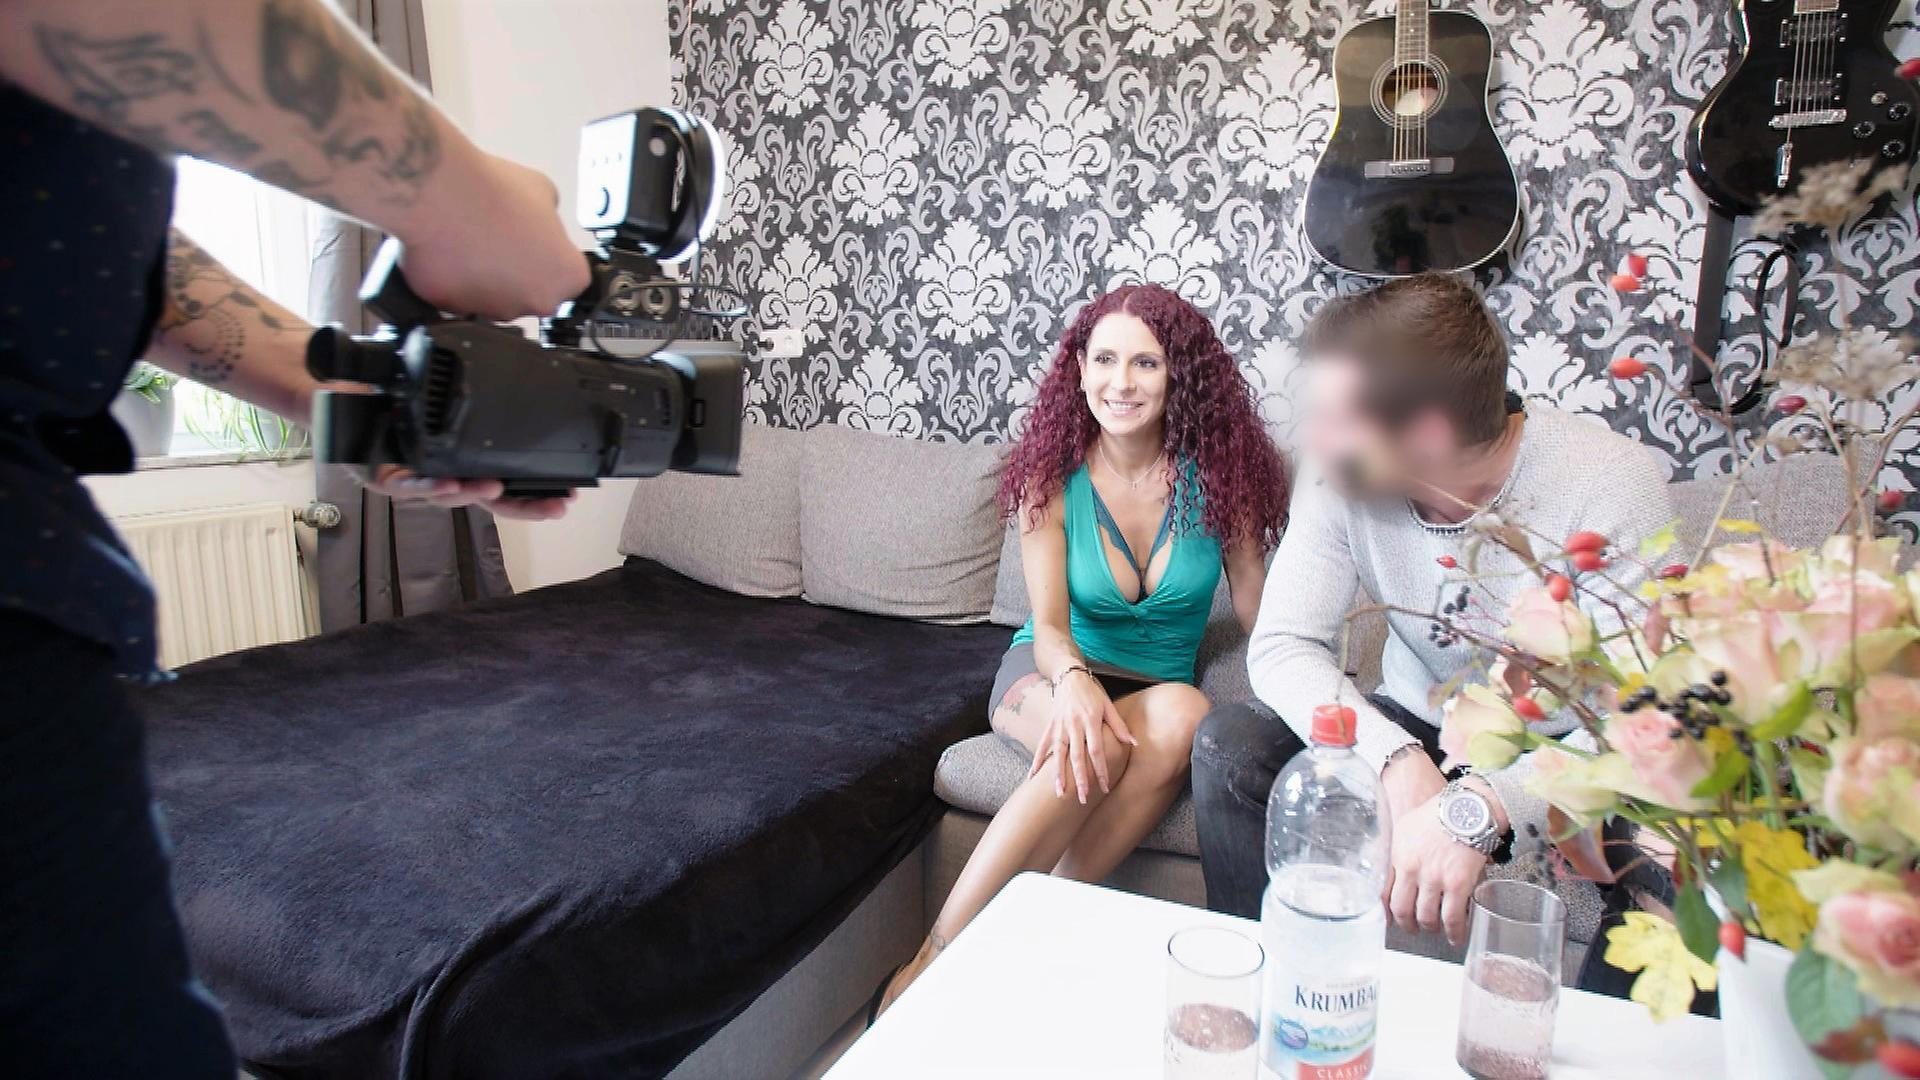 porno anschauen kamera